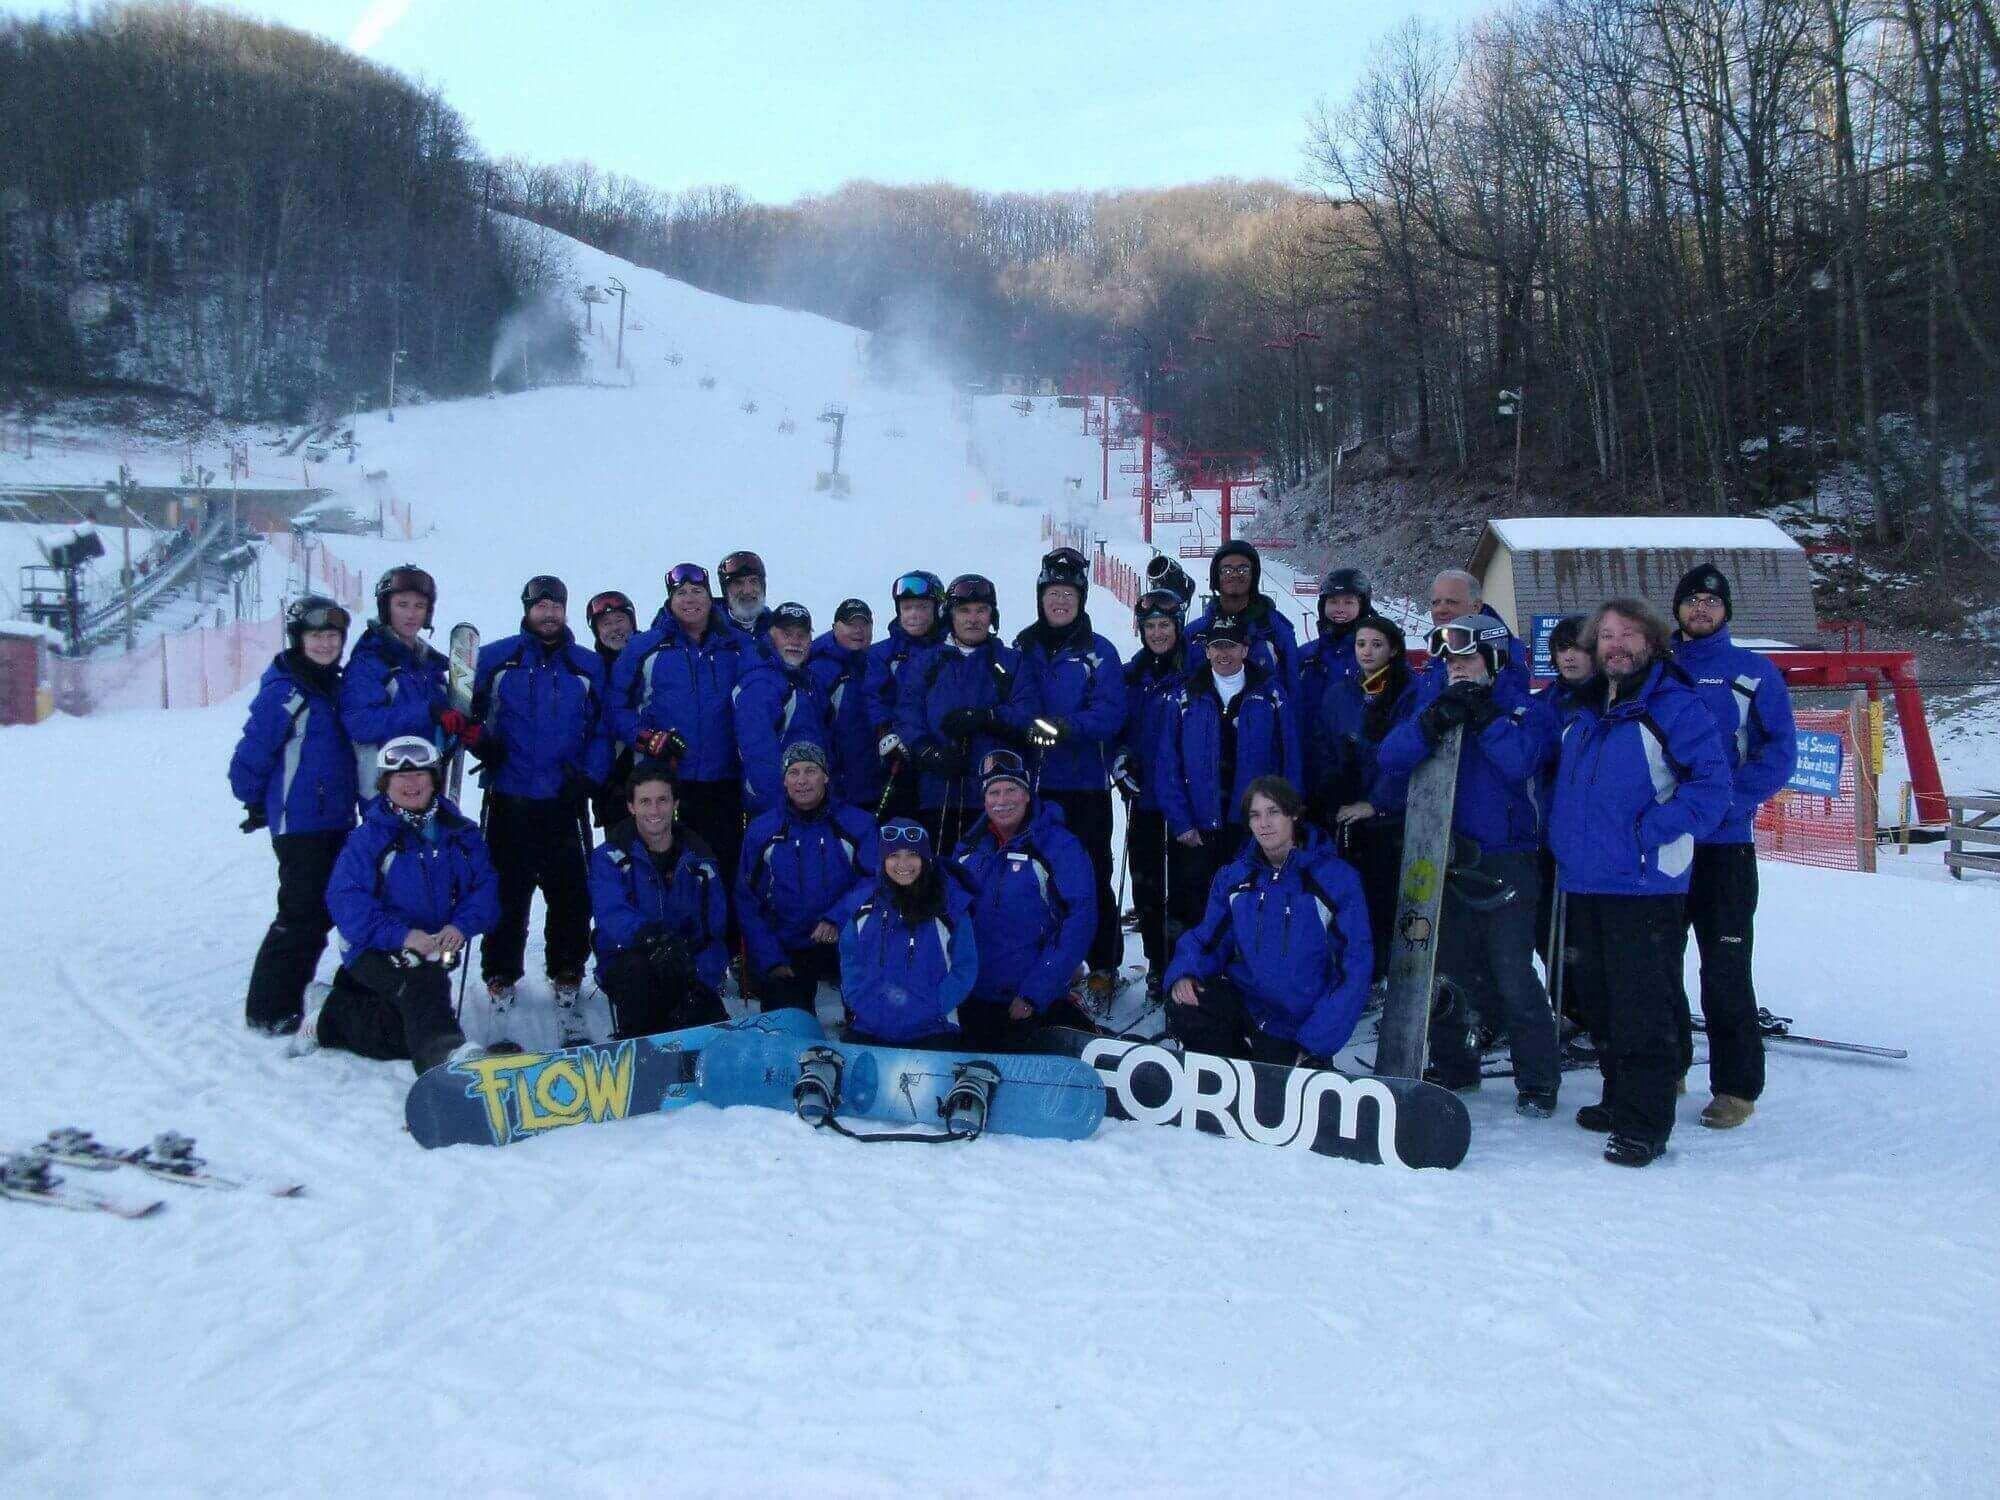 Winter Sports Amp Skiing Attractions In Gatlinburg Elk